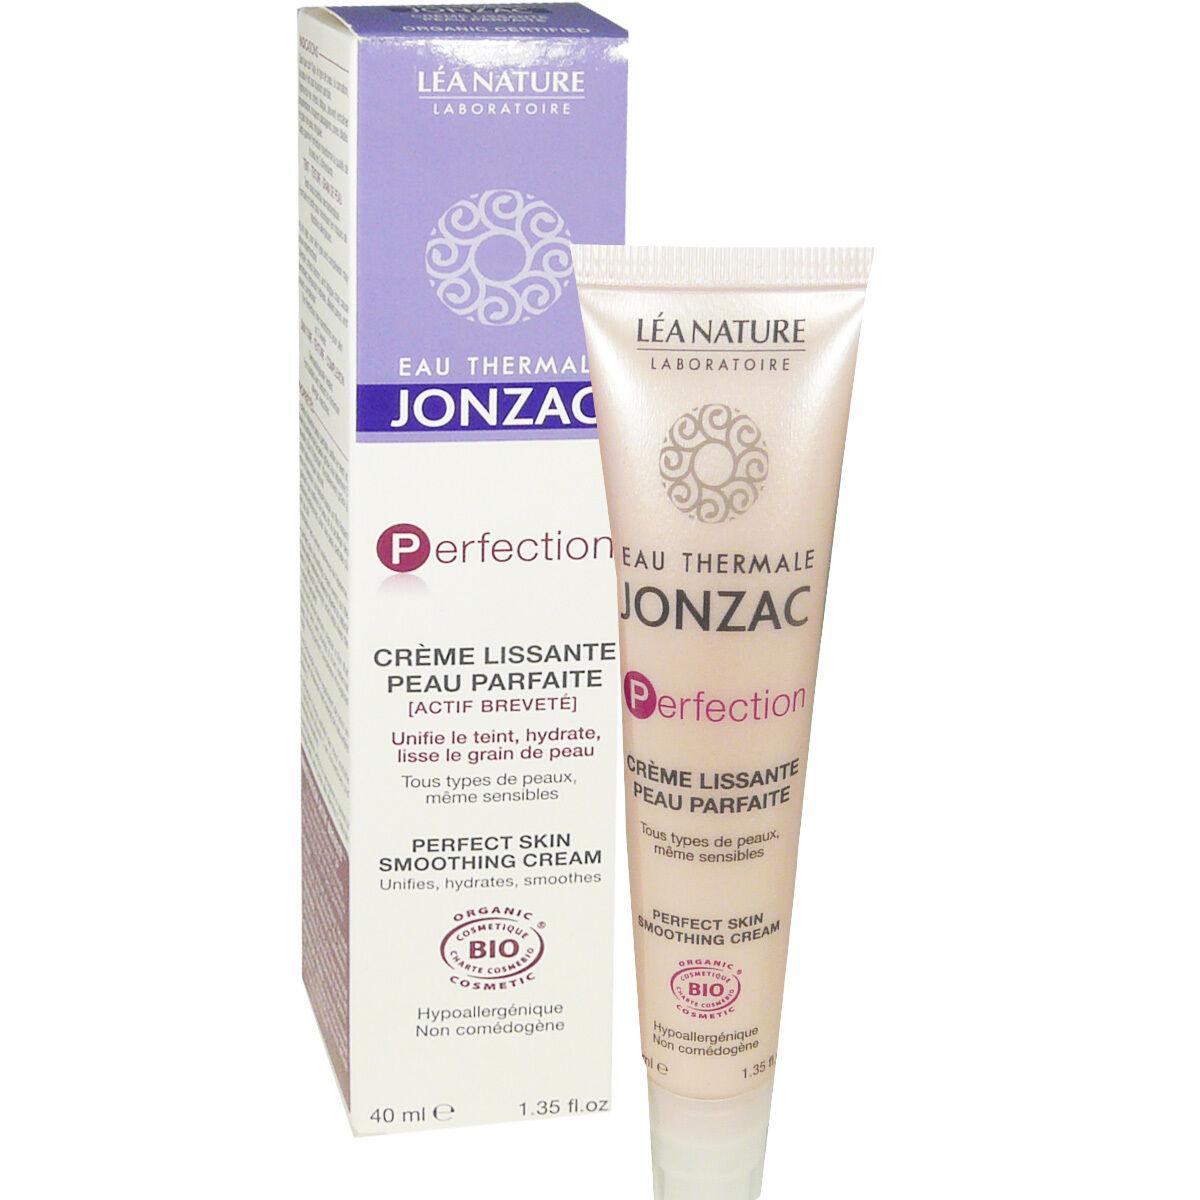 Jonzac perfection creme lissante peau parfaite 40 ml